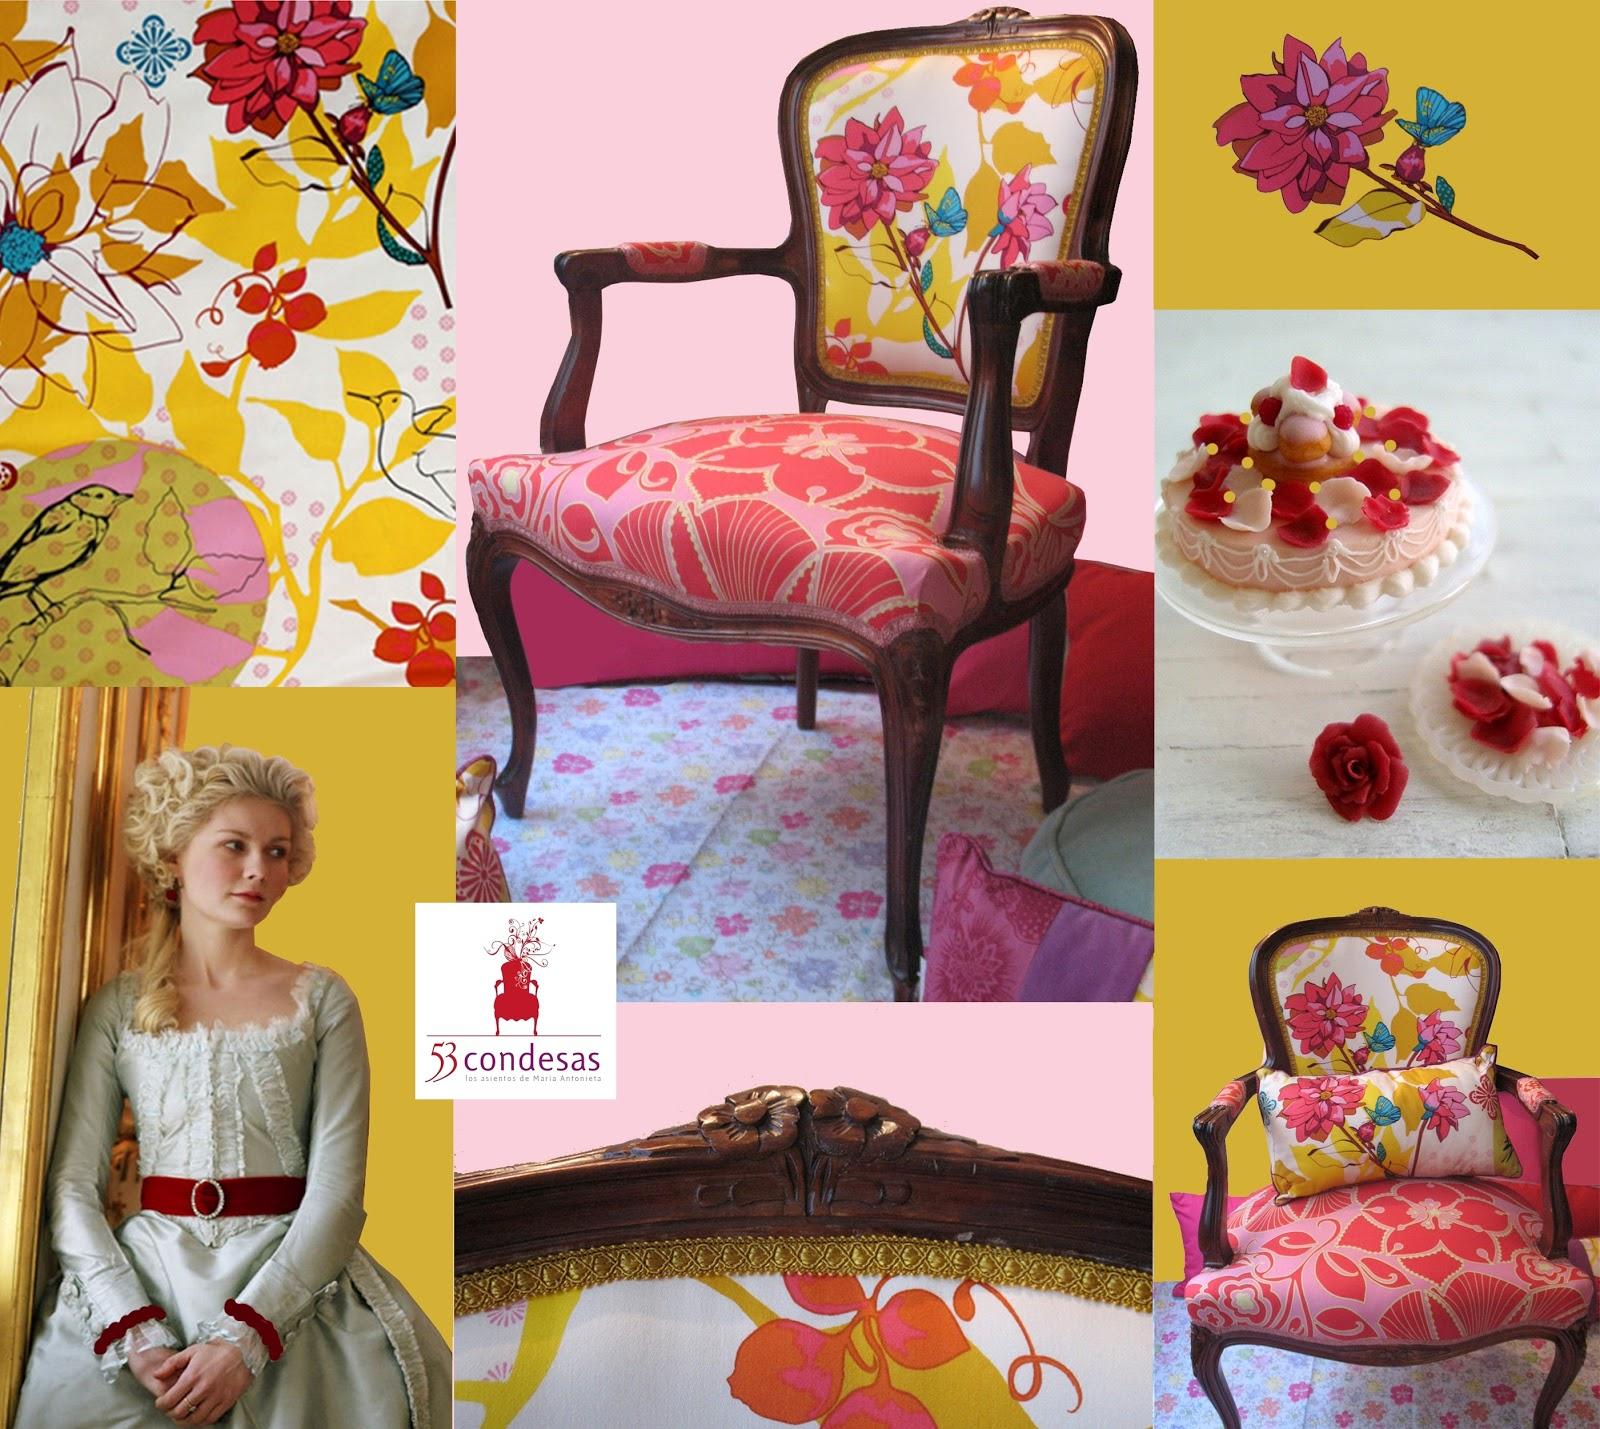 Un geek de modacool 10 2012 - Telas para tapizar un sillon ...